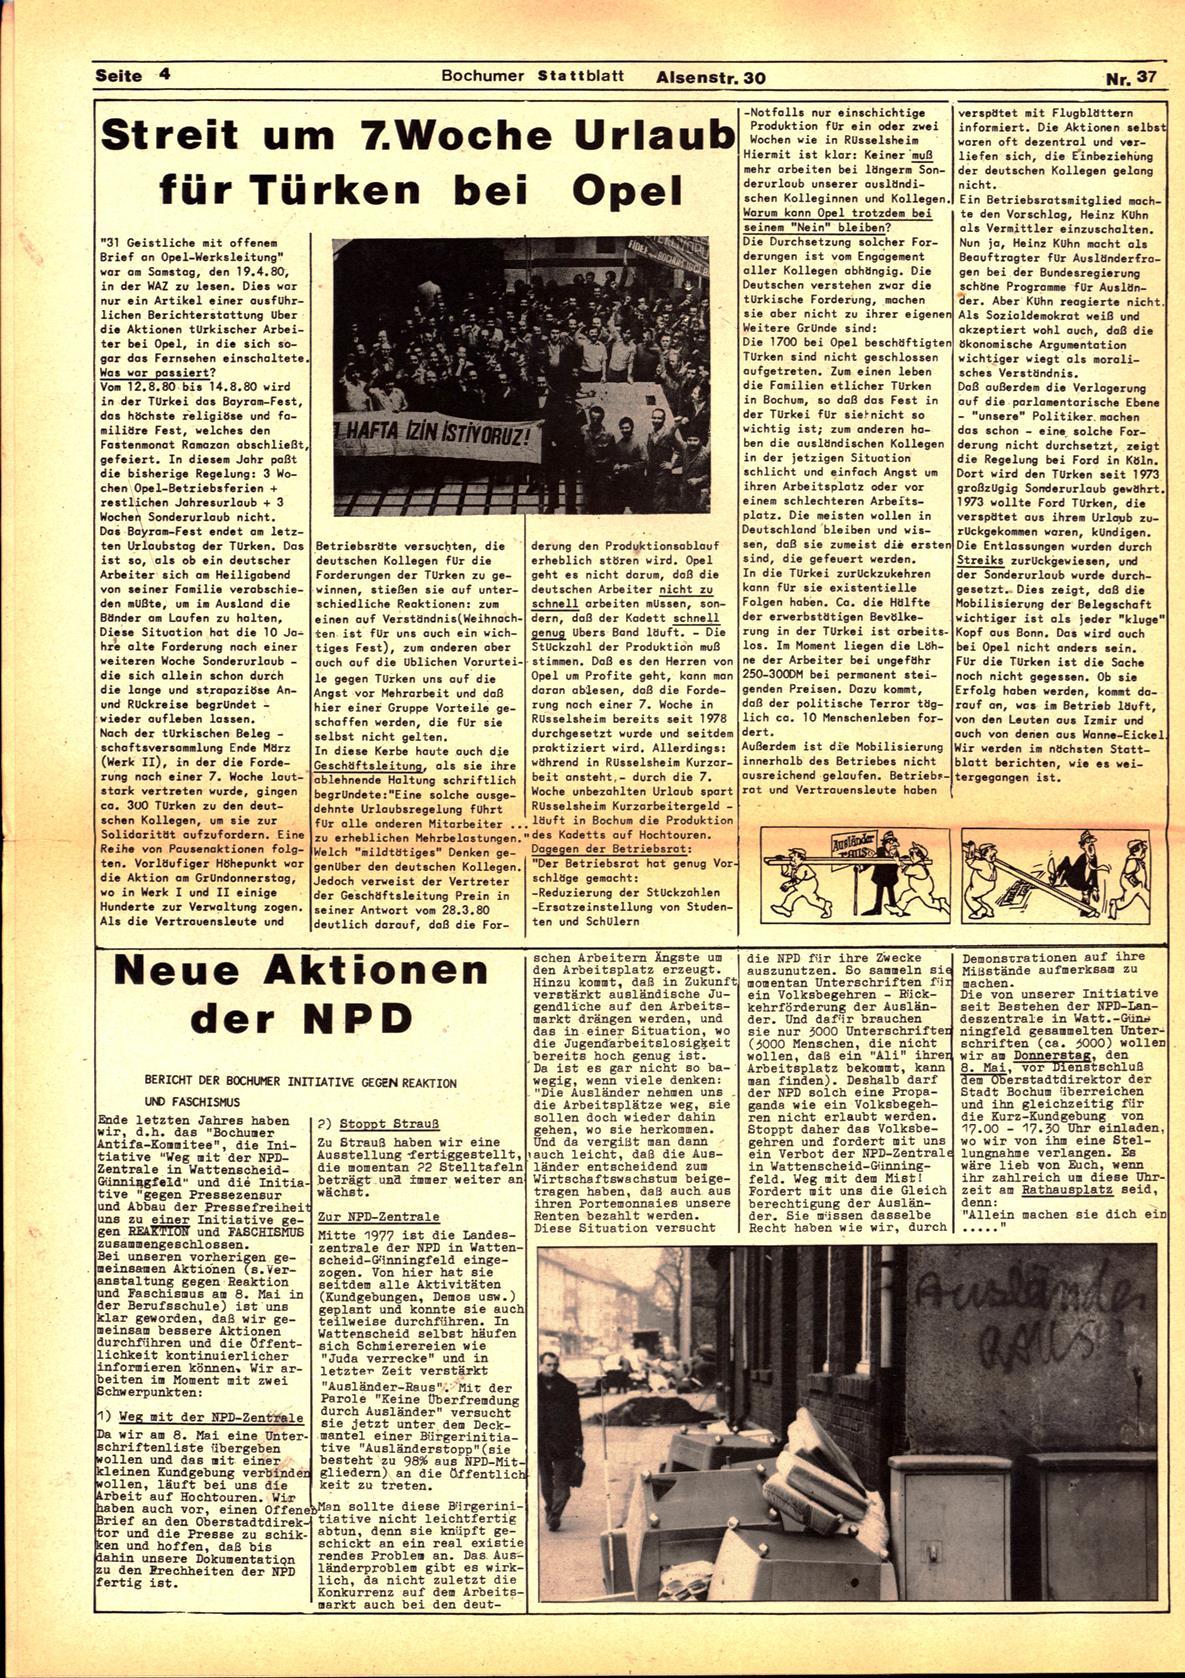 Bochum_Stattblatt_19800500_37_04